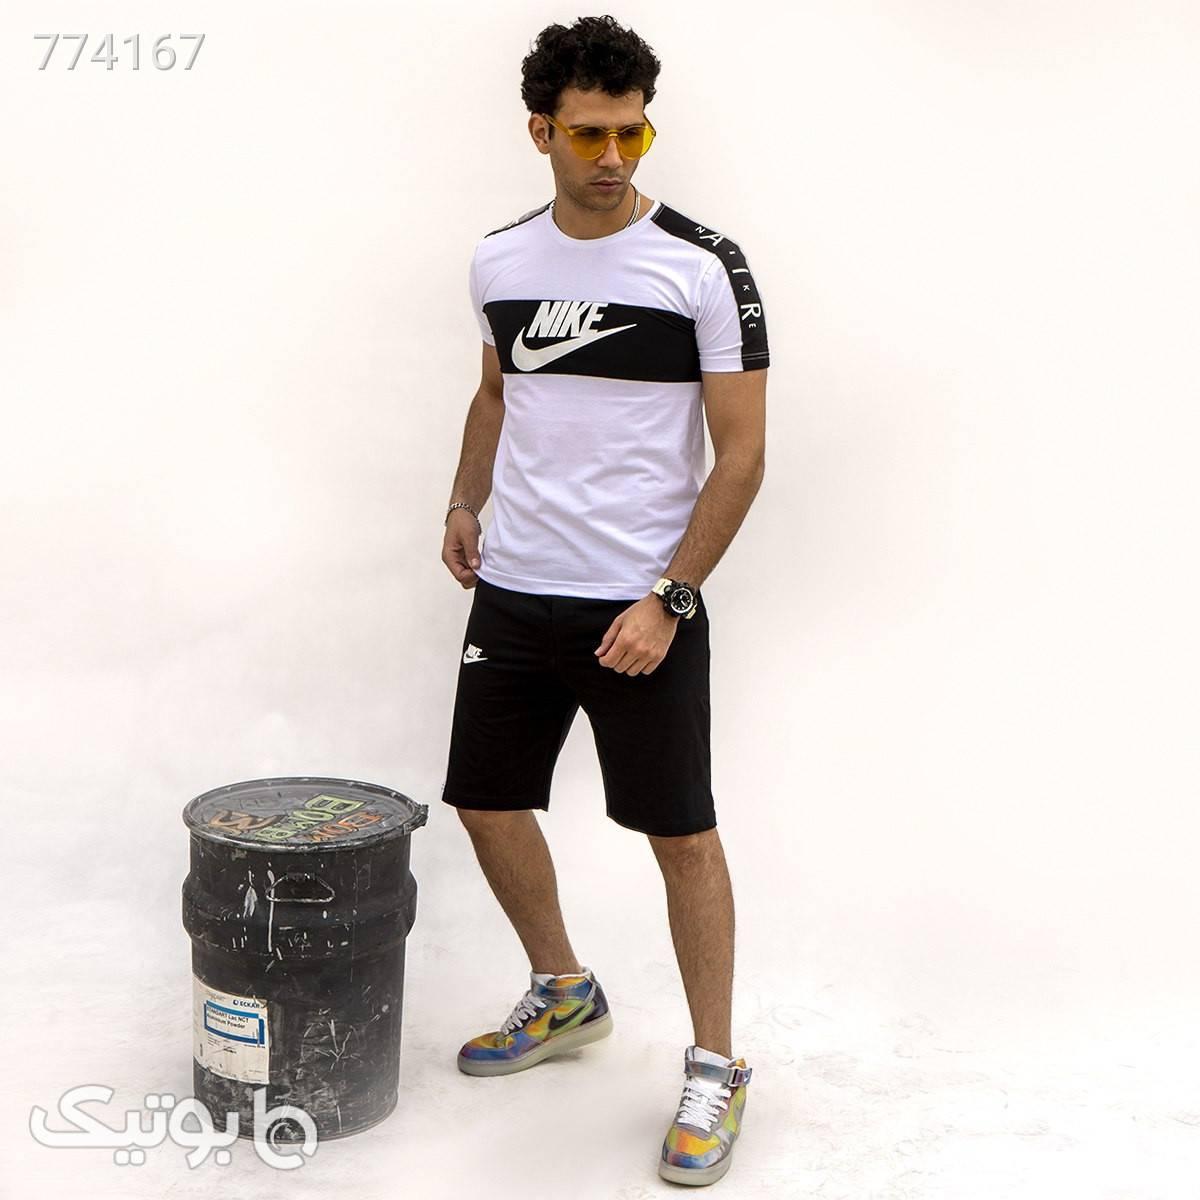 ست تيشرت و شلوارك Nike مردانه مدل Niver مشکی ست ورزشی مردانه